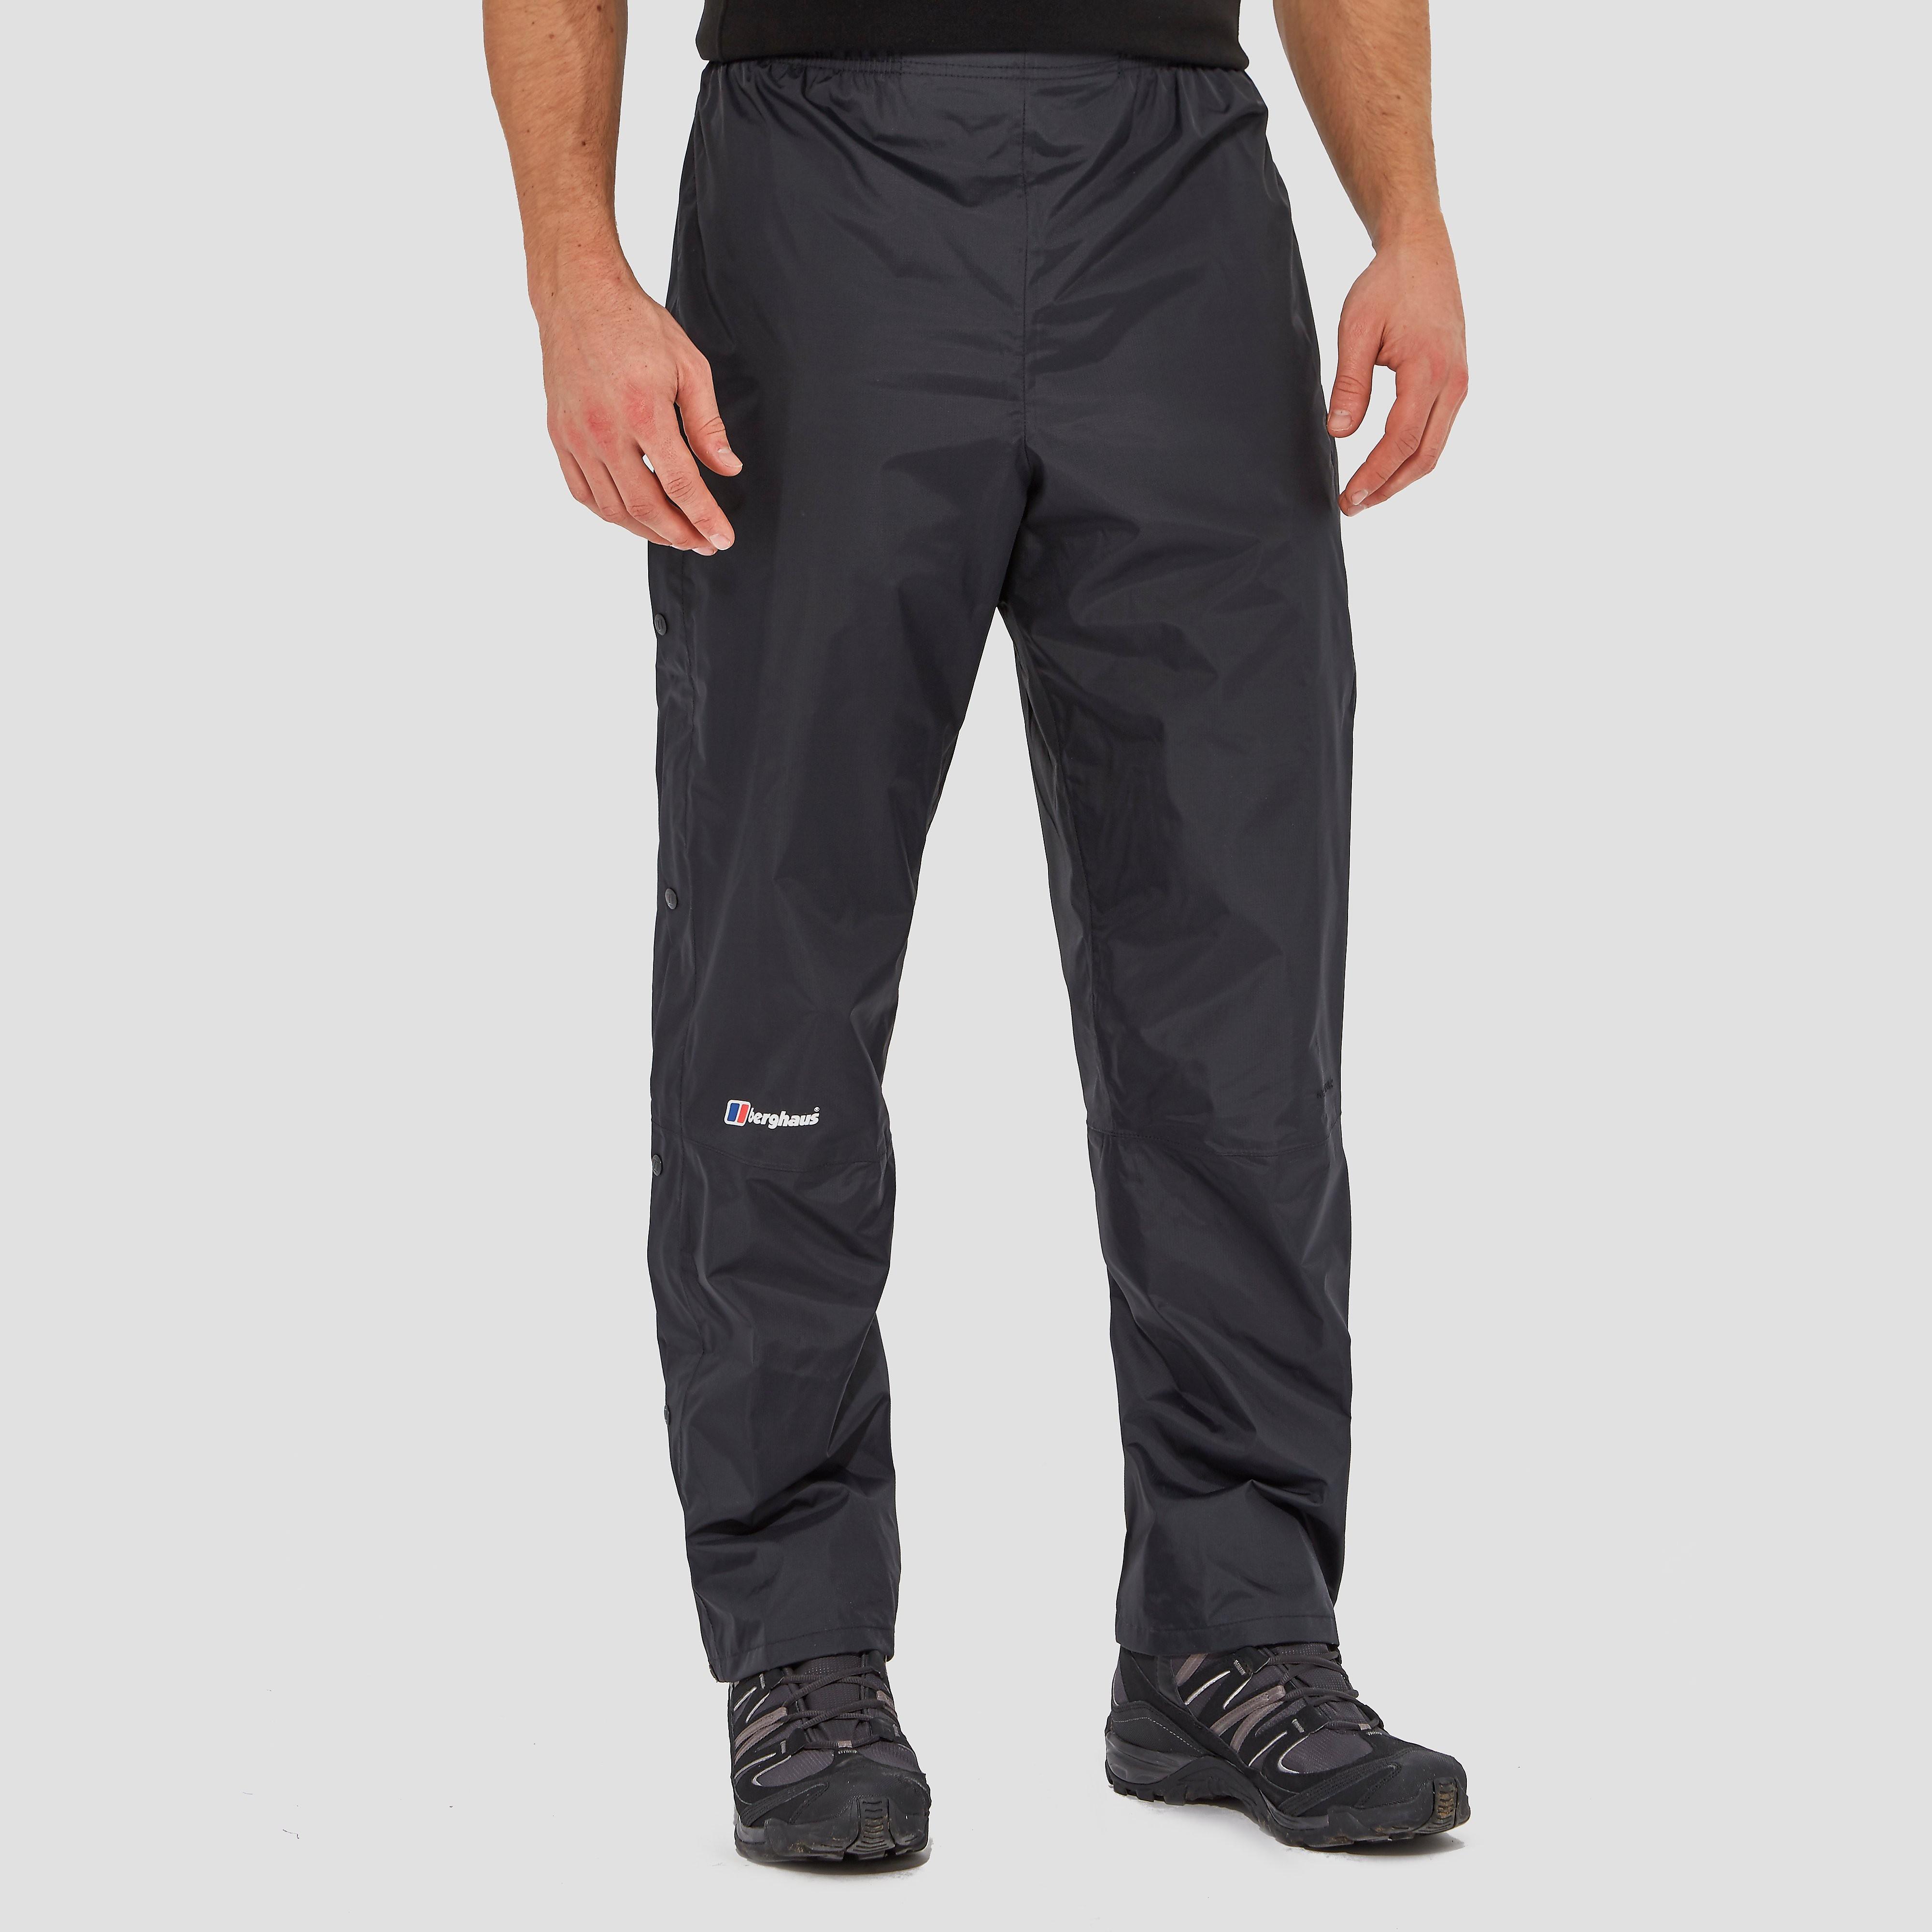 Berghaus Deluge Waterproof Men's Pants